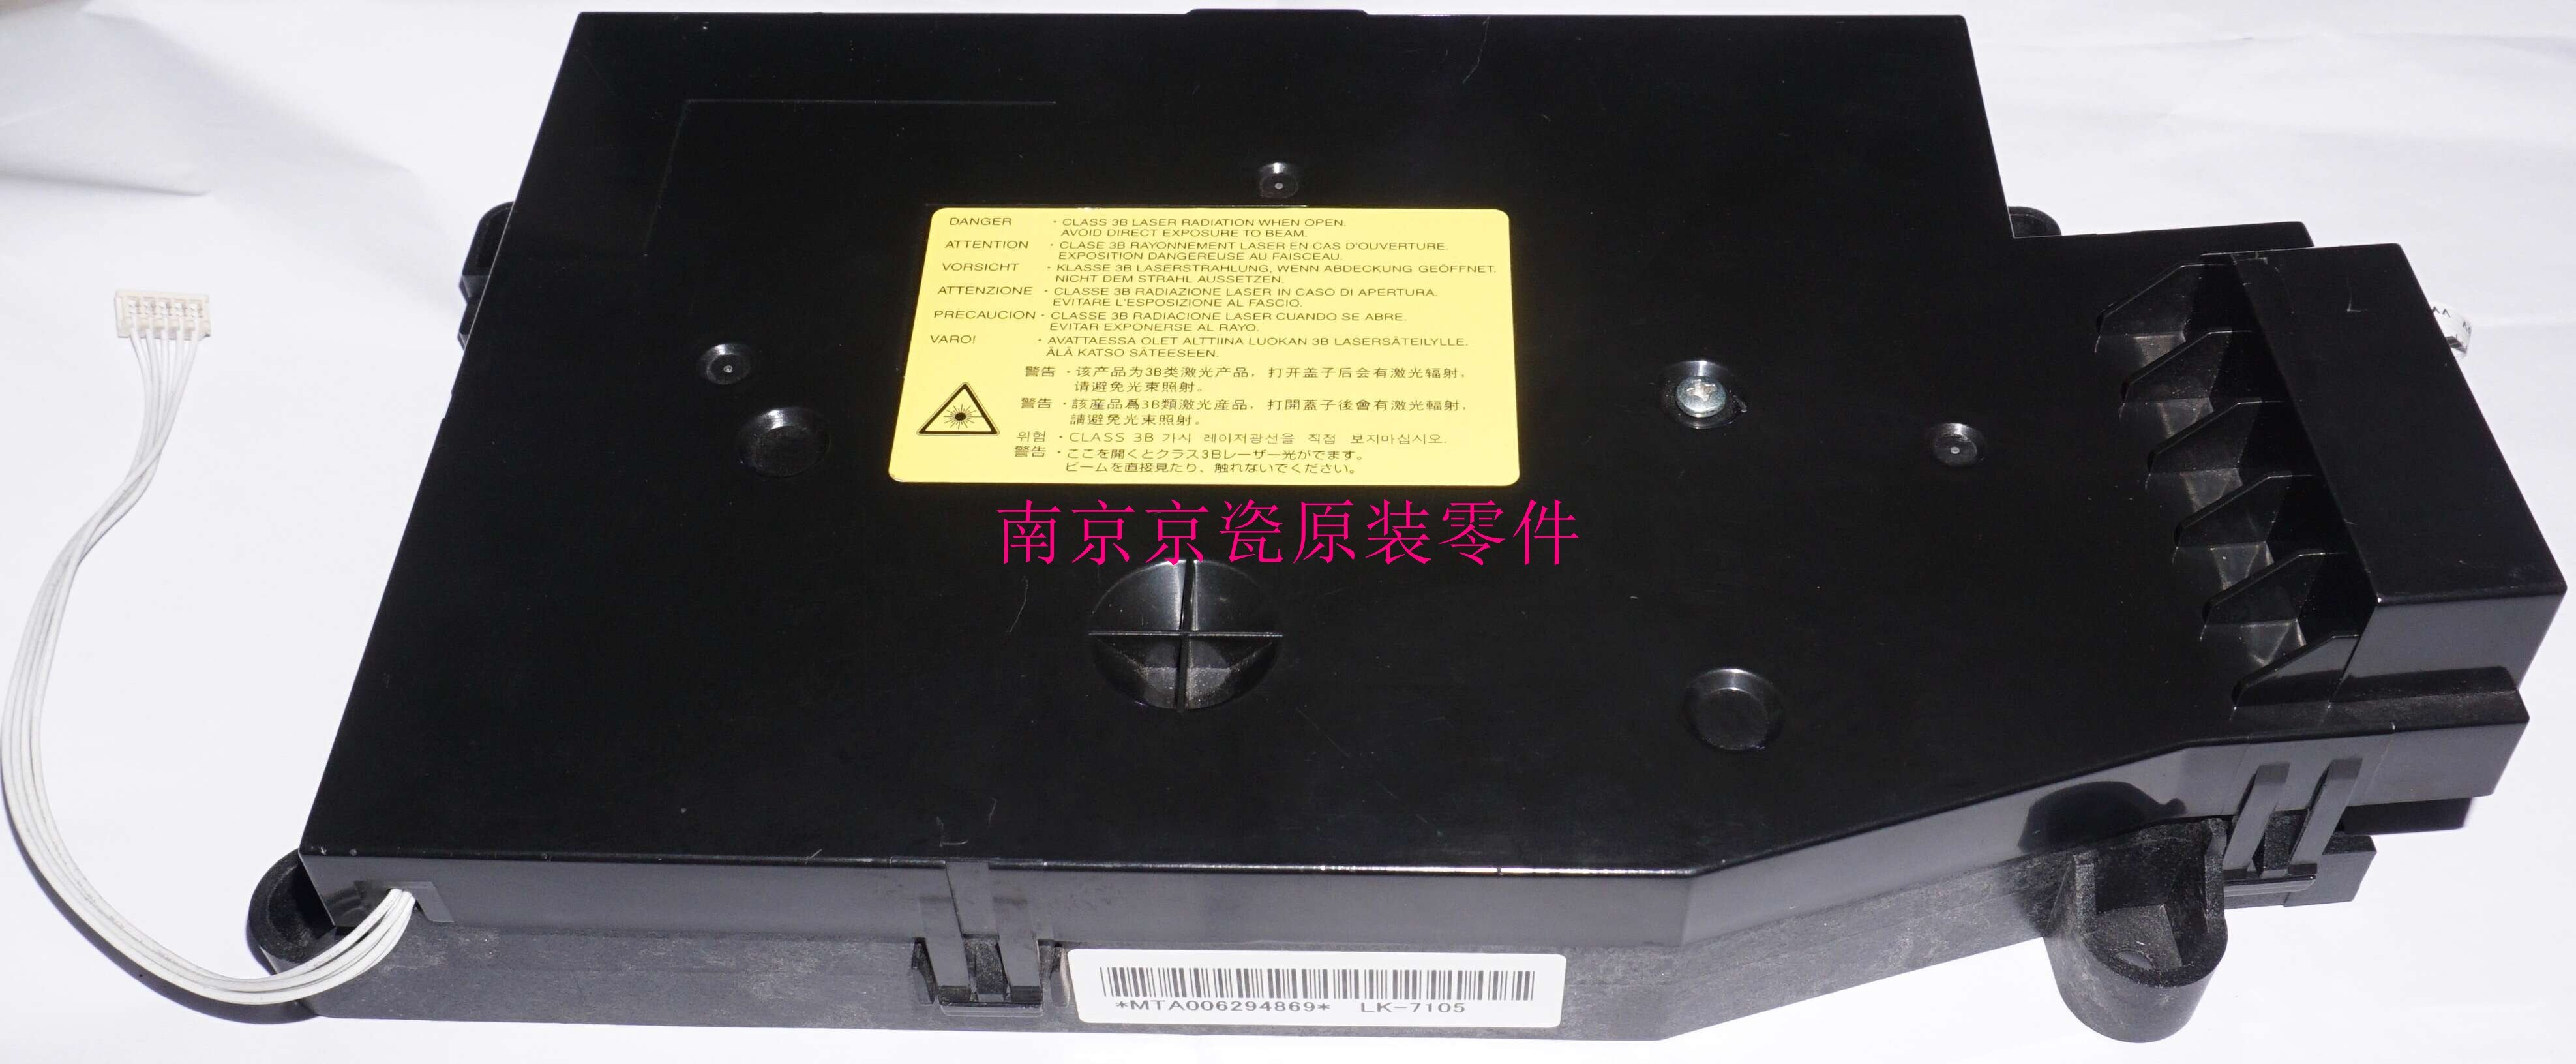 Nueva unidad Original Kyocera LSU 302NL93040 LK-7105 para TASKalfa 3010i 3510i 3011i 3511i